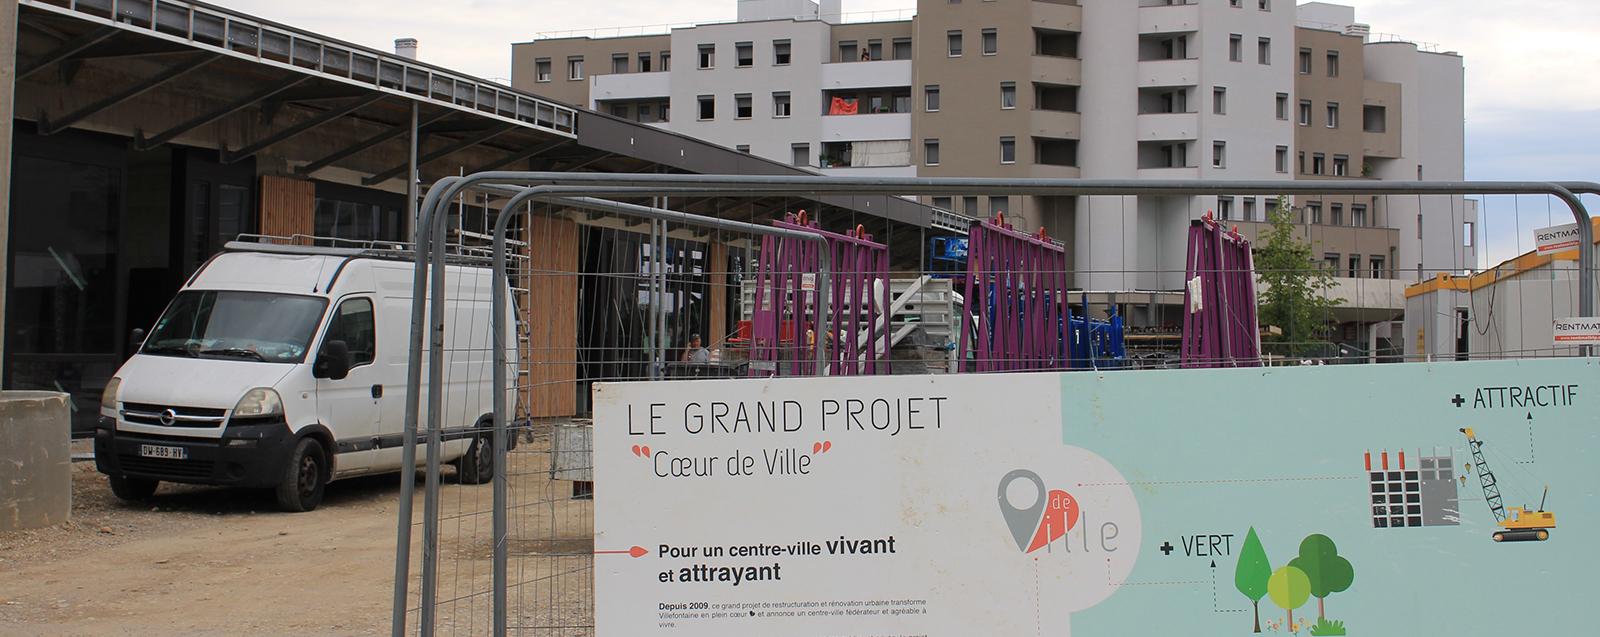 Projet Coeur de ville  ©Mairie de Villefontaine